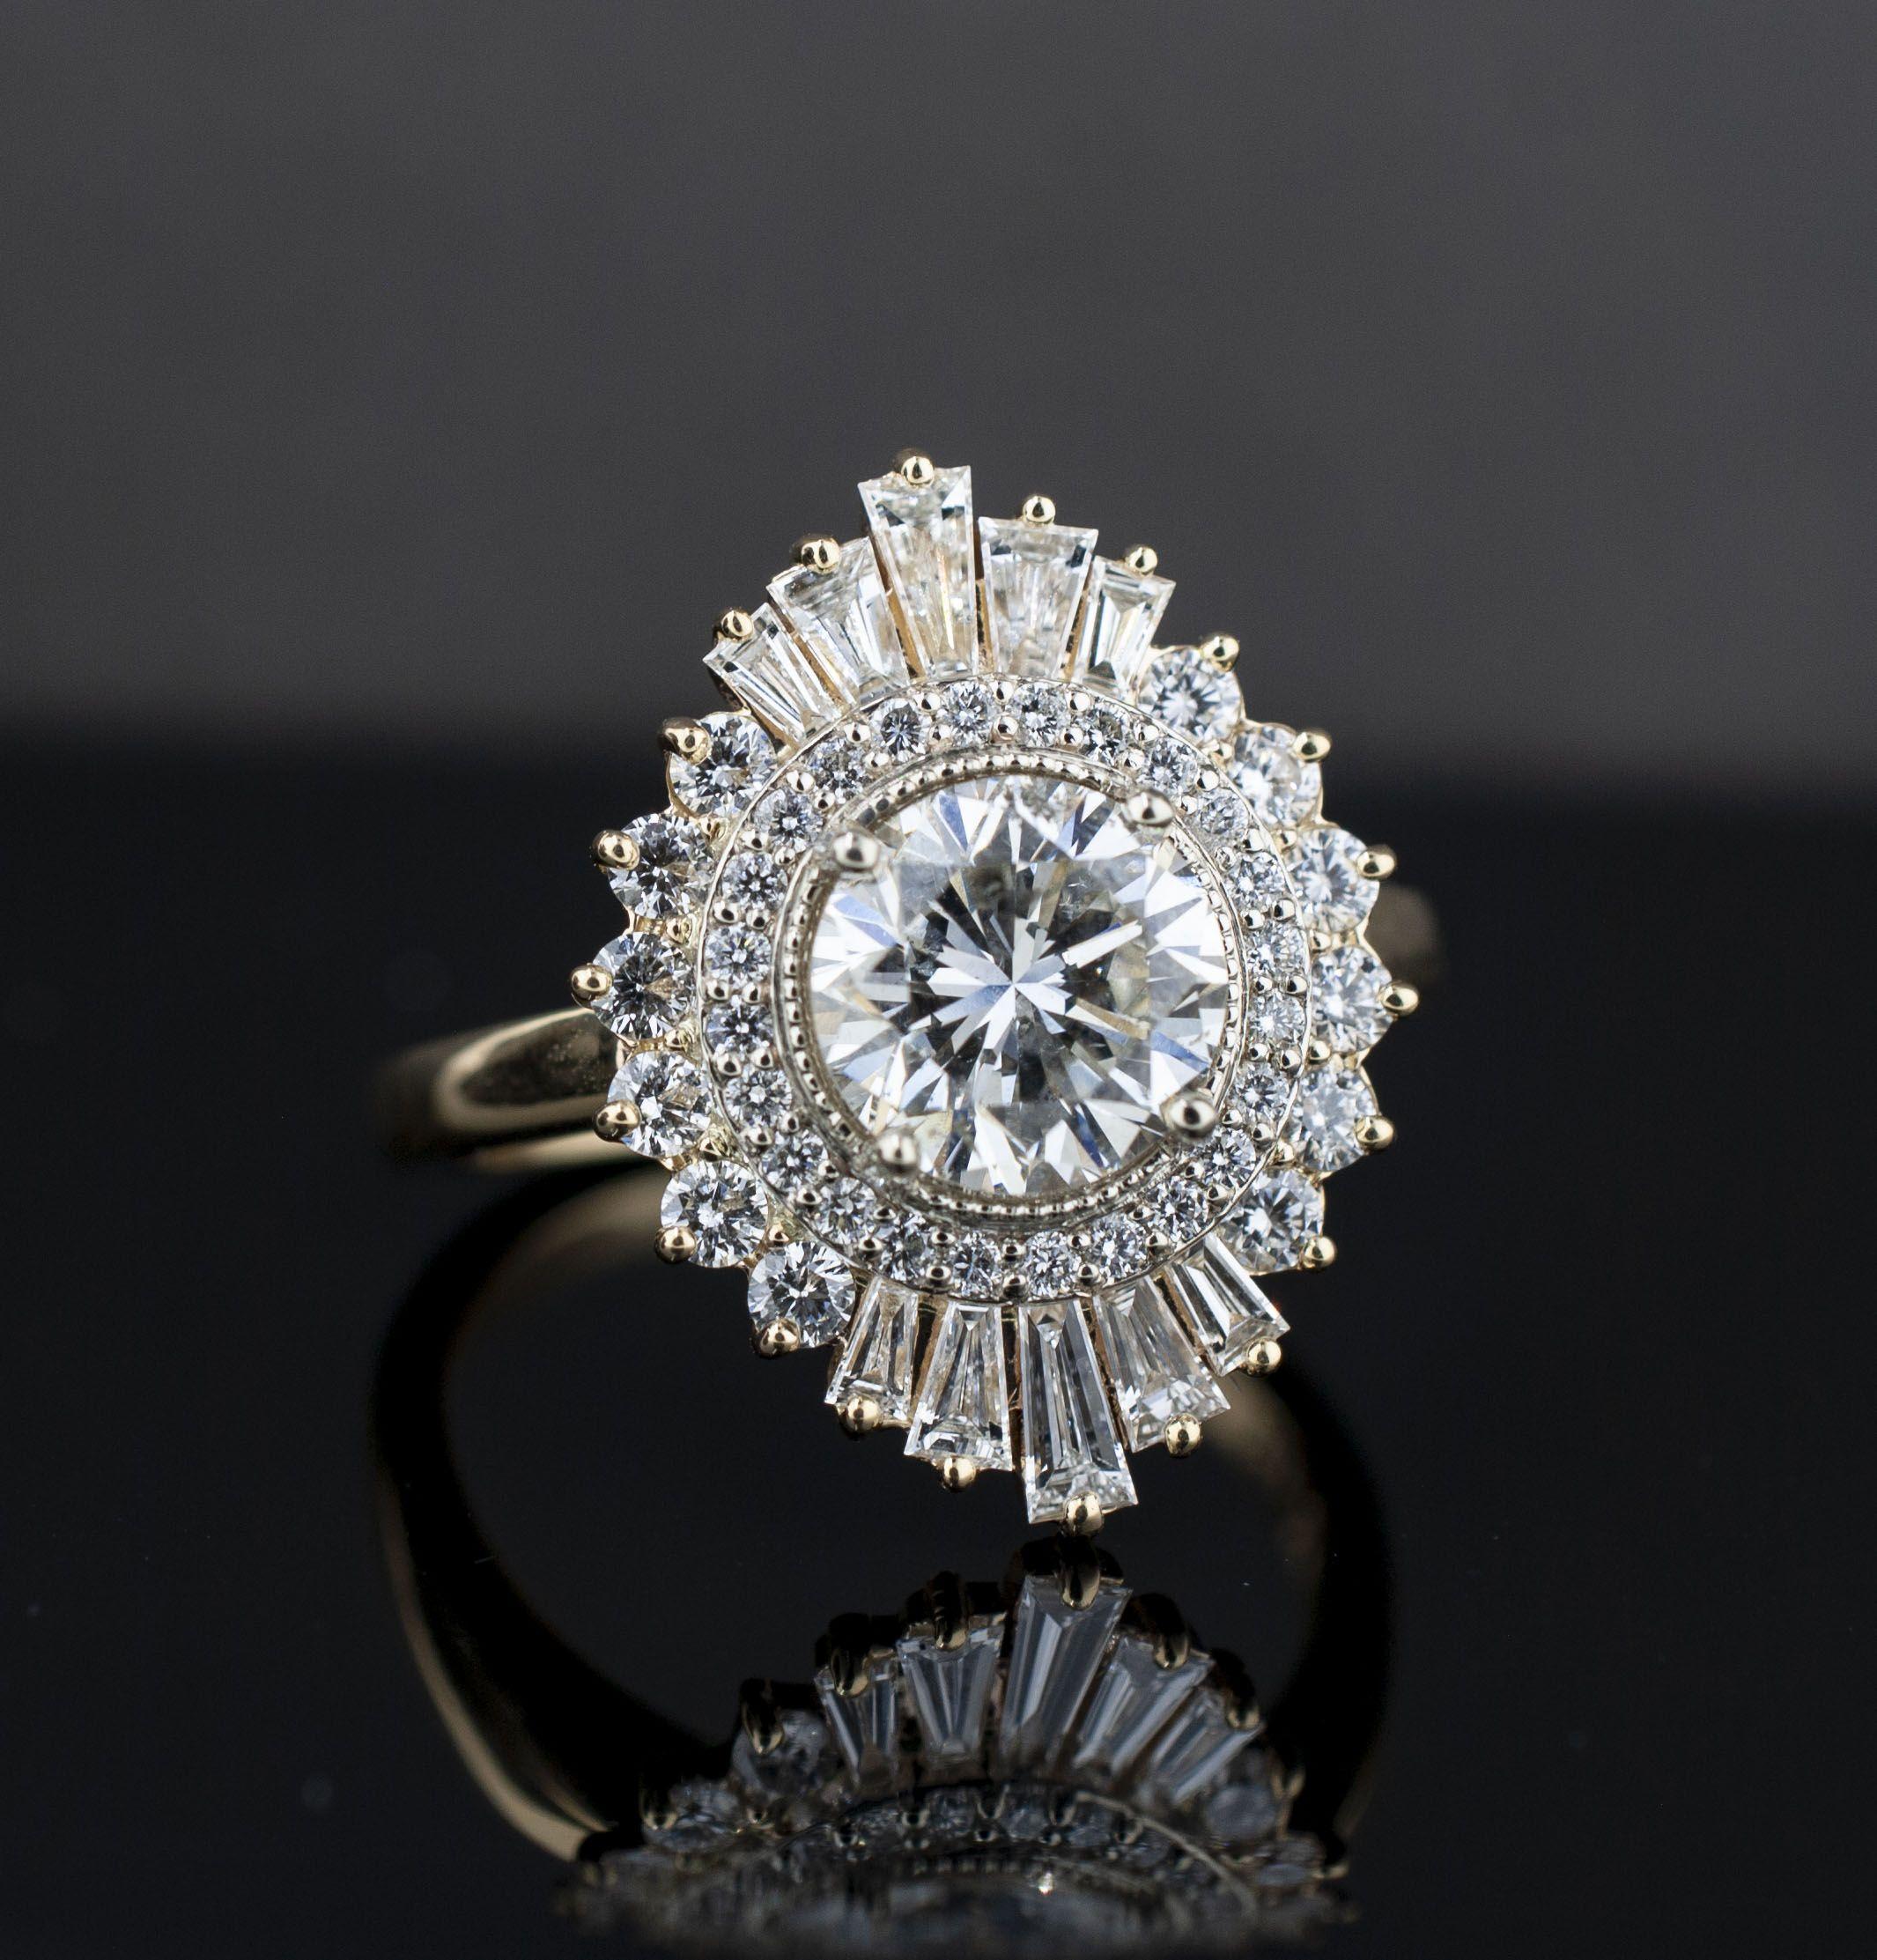 1930s Engagement Ring Art Deco Ring Vintage Ring Sapphire Ring  1930s Ring Vintage Engagement Ring Sapphire Ring Starburst Ring